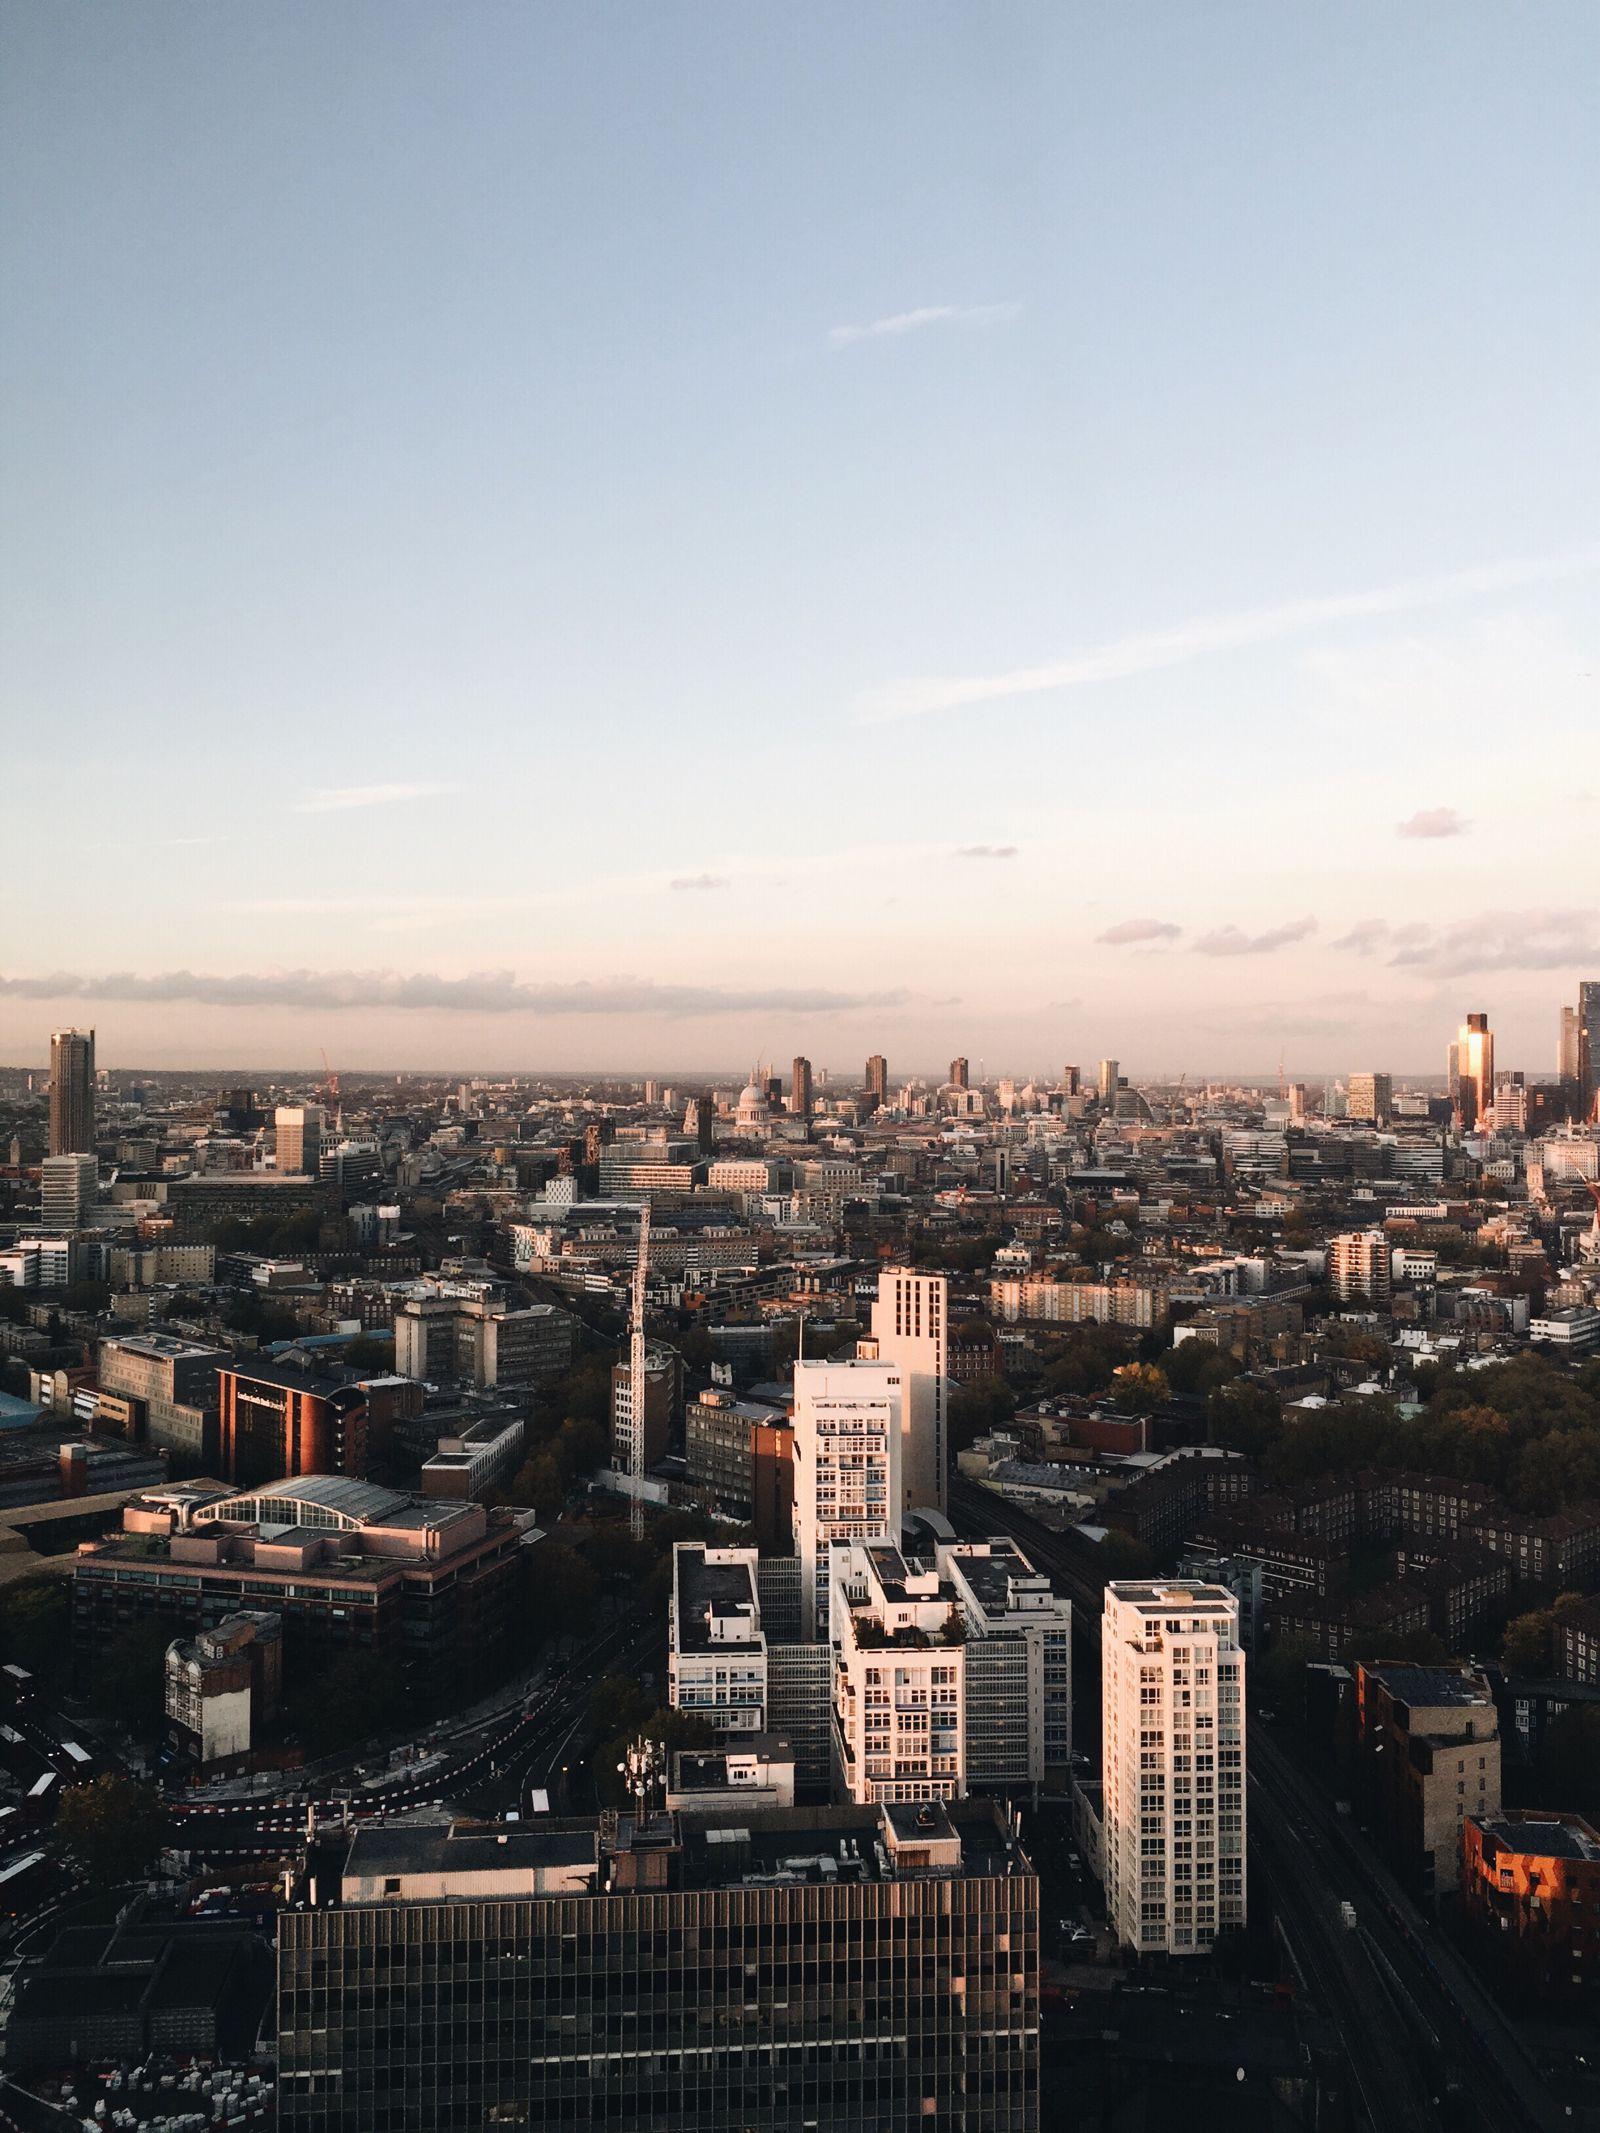 London at Sunrise